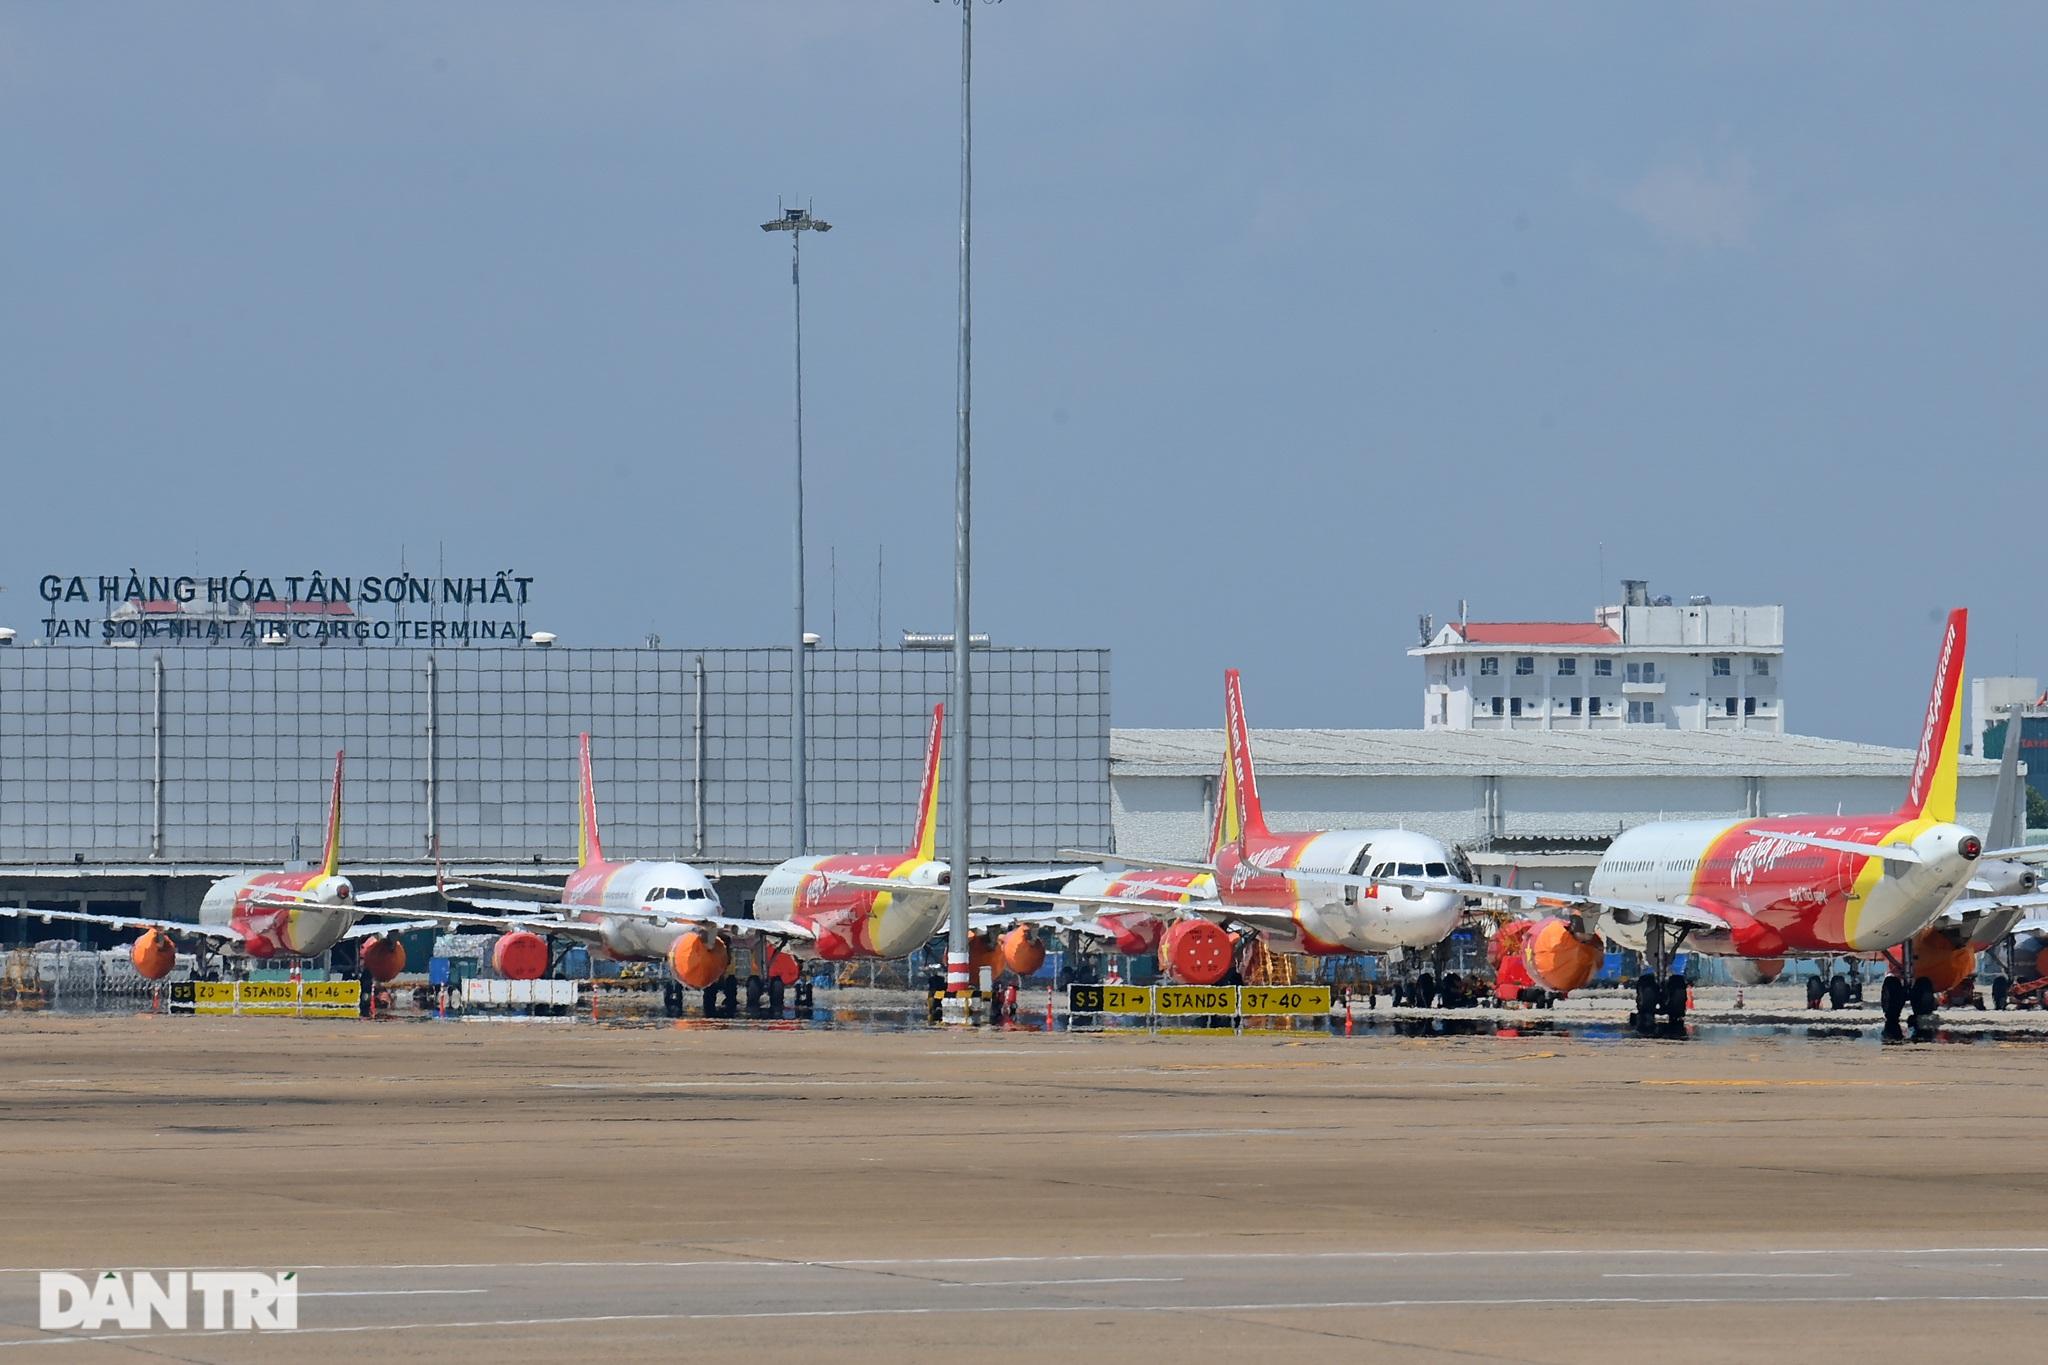 Ám ảnh hàng trăm tàu bay đắp chiếu nằm la liệt tại Nội Bài, Tân Sơn Nhất - 18